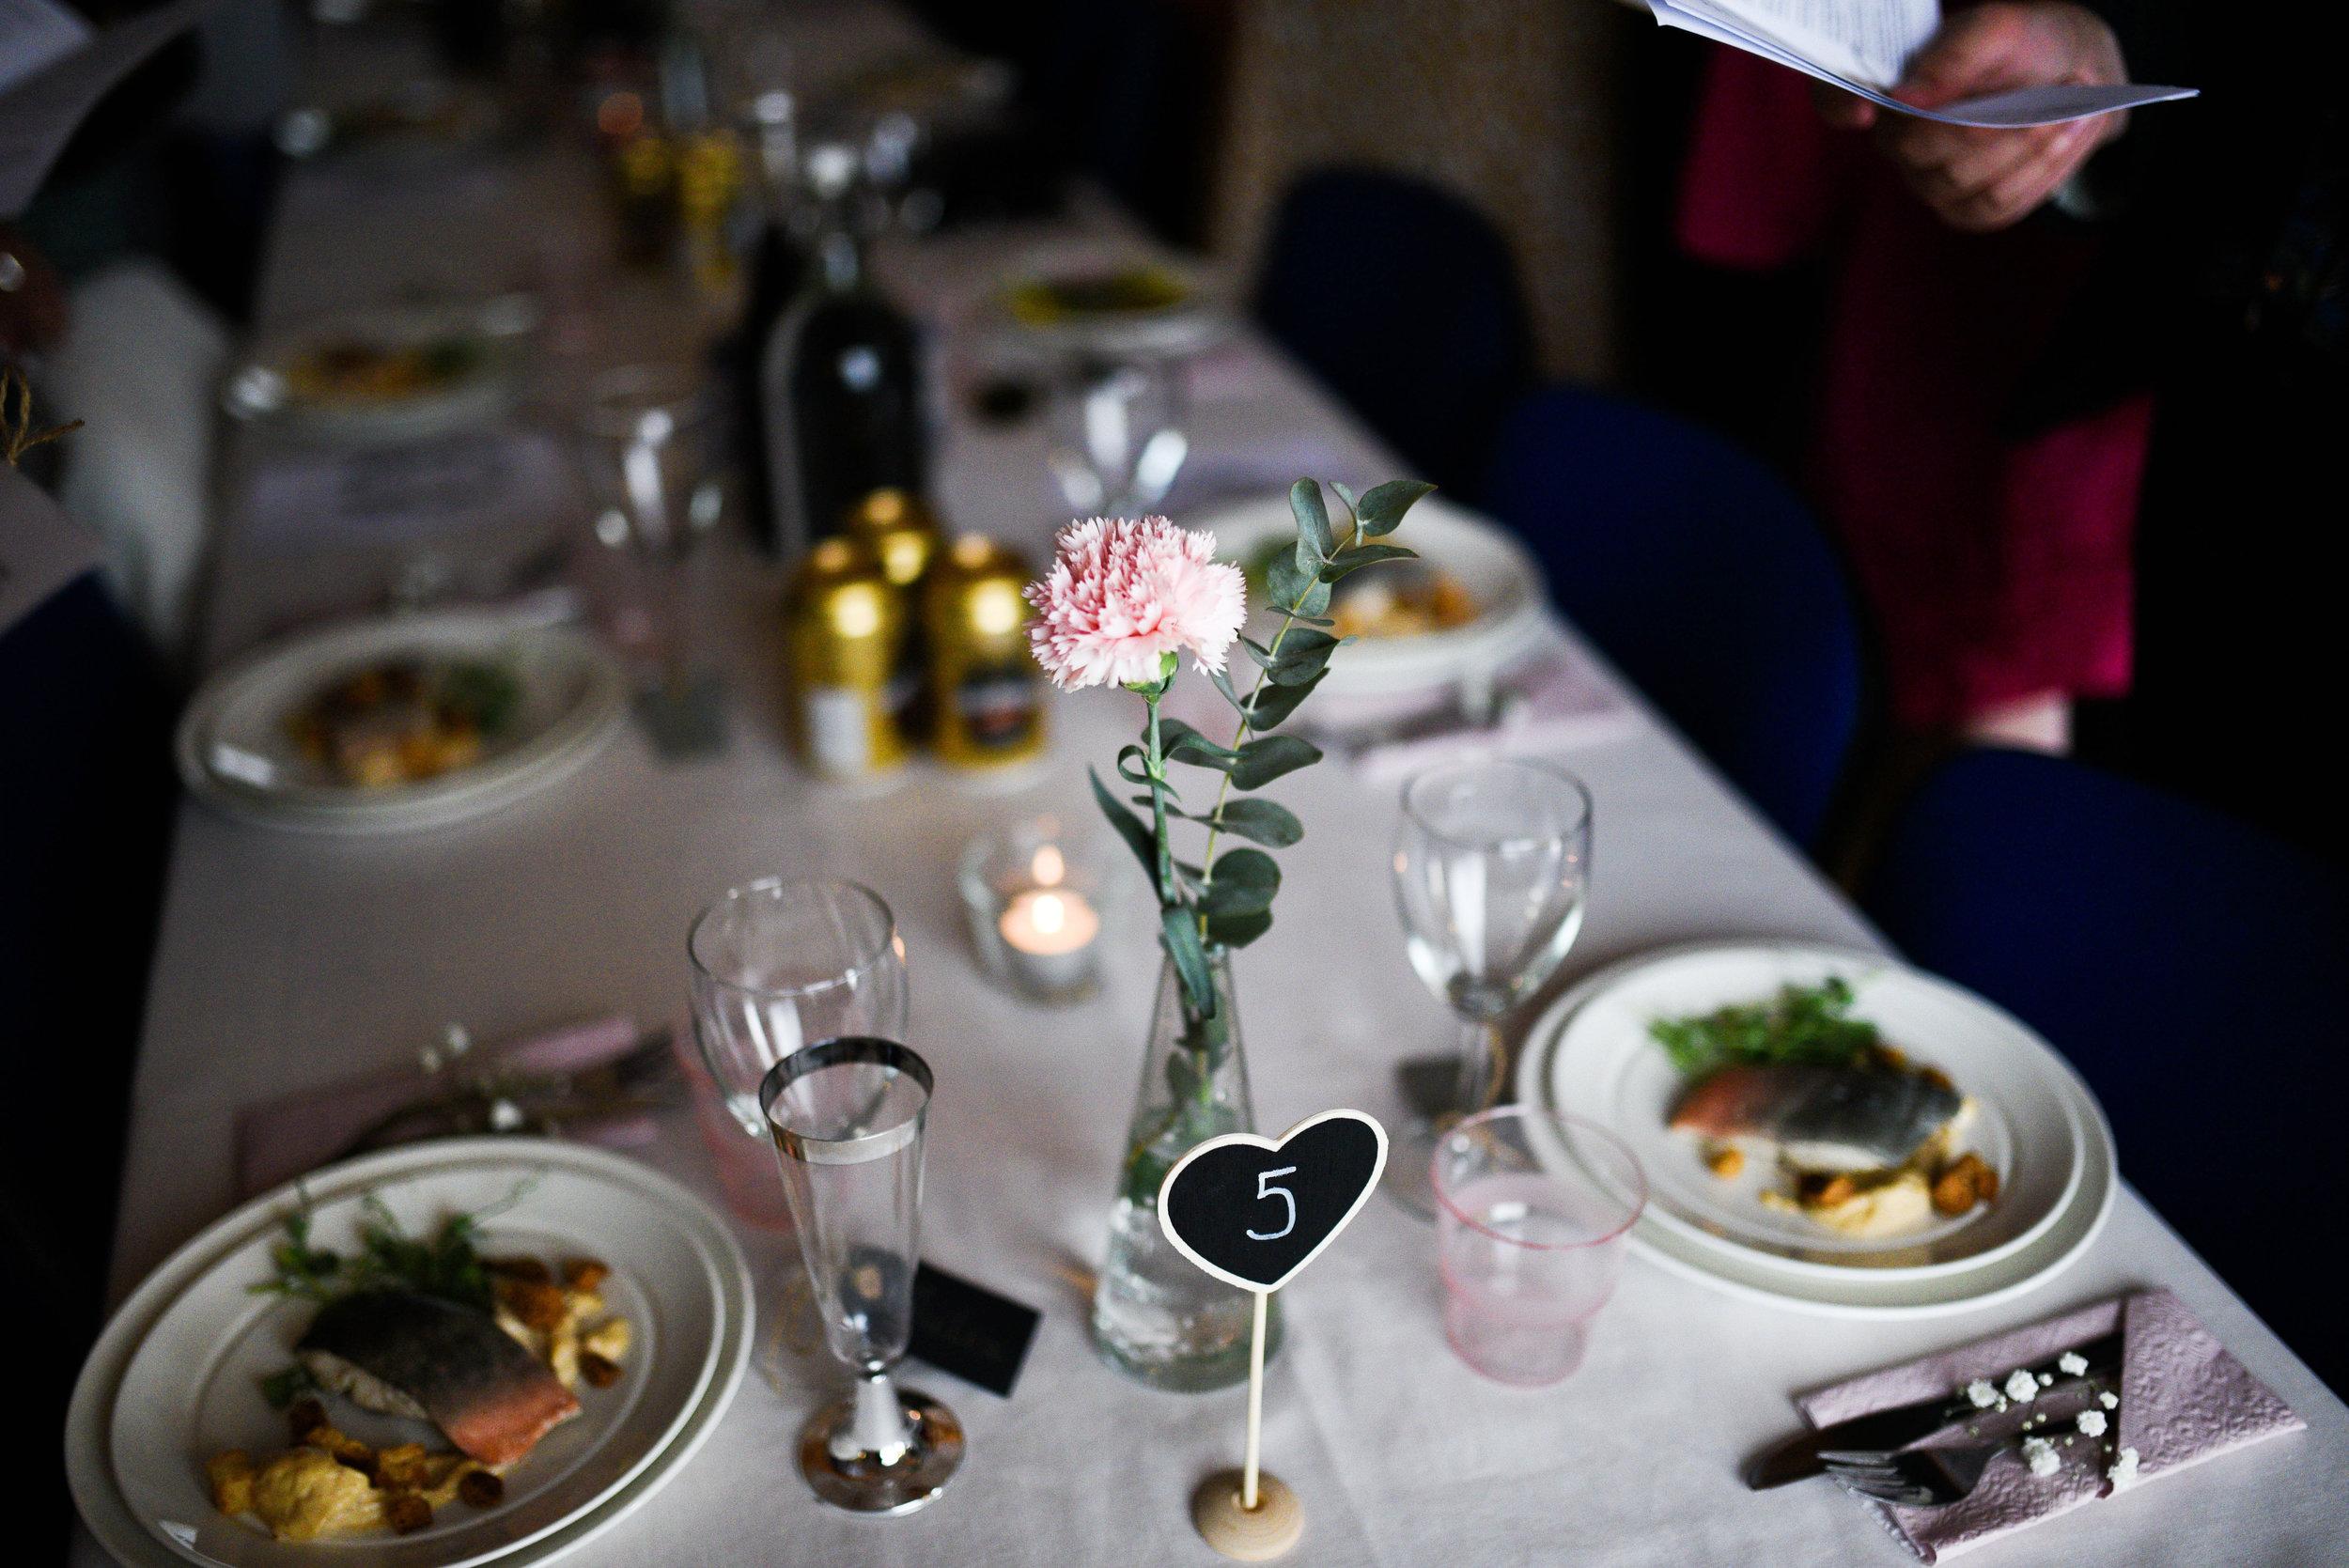 Bröllop2019lågkvall2-5991.jpg